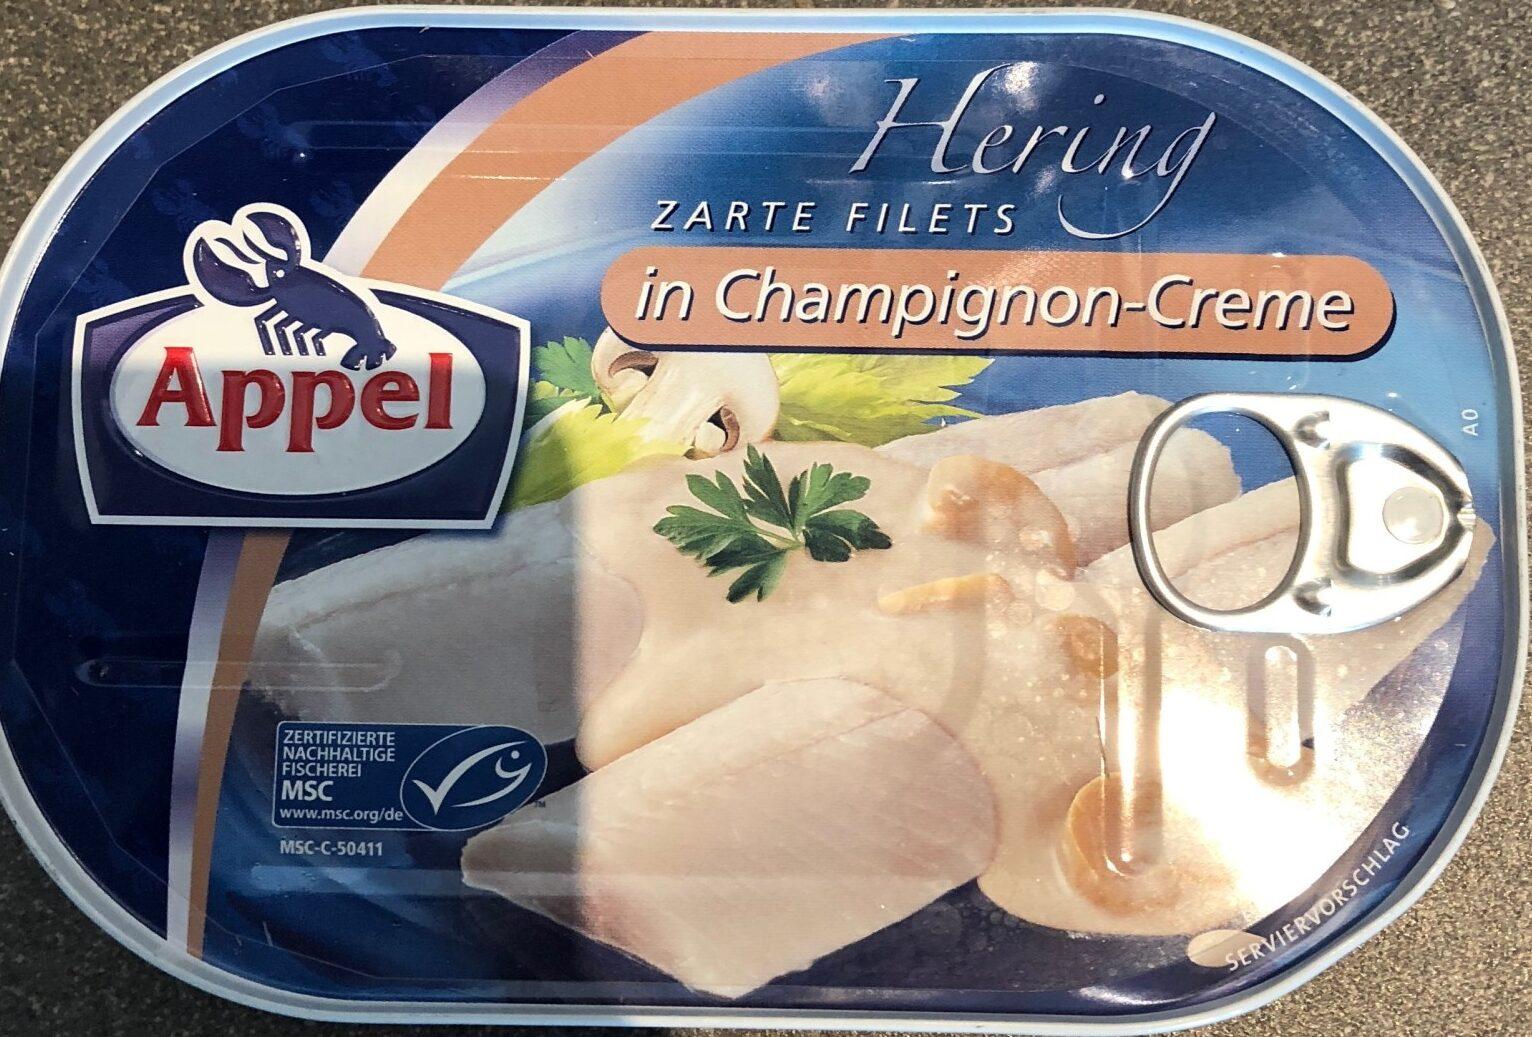 Hering in Champignon-creme - Produkt - de